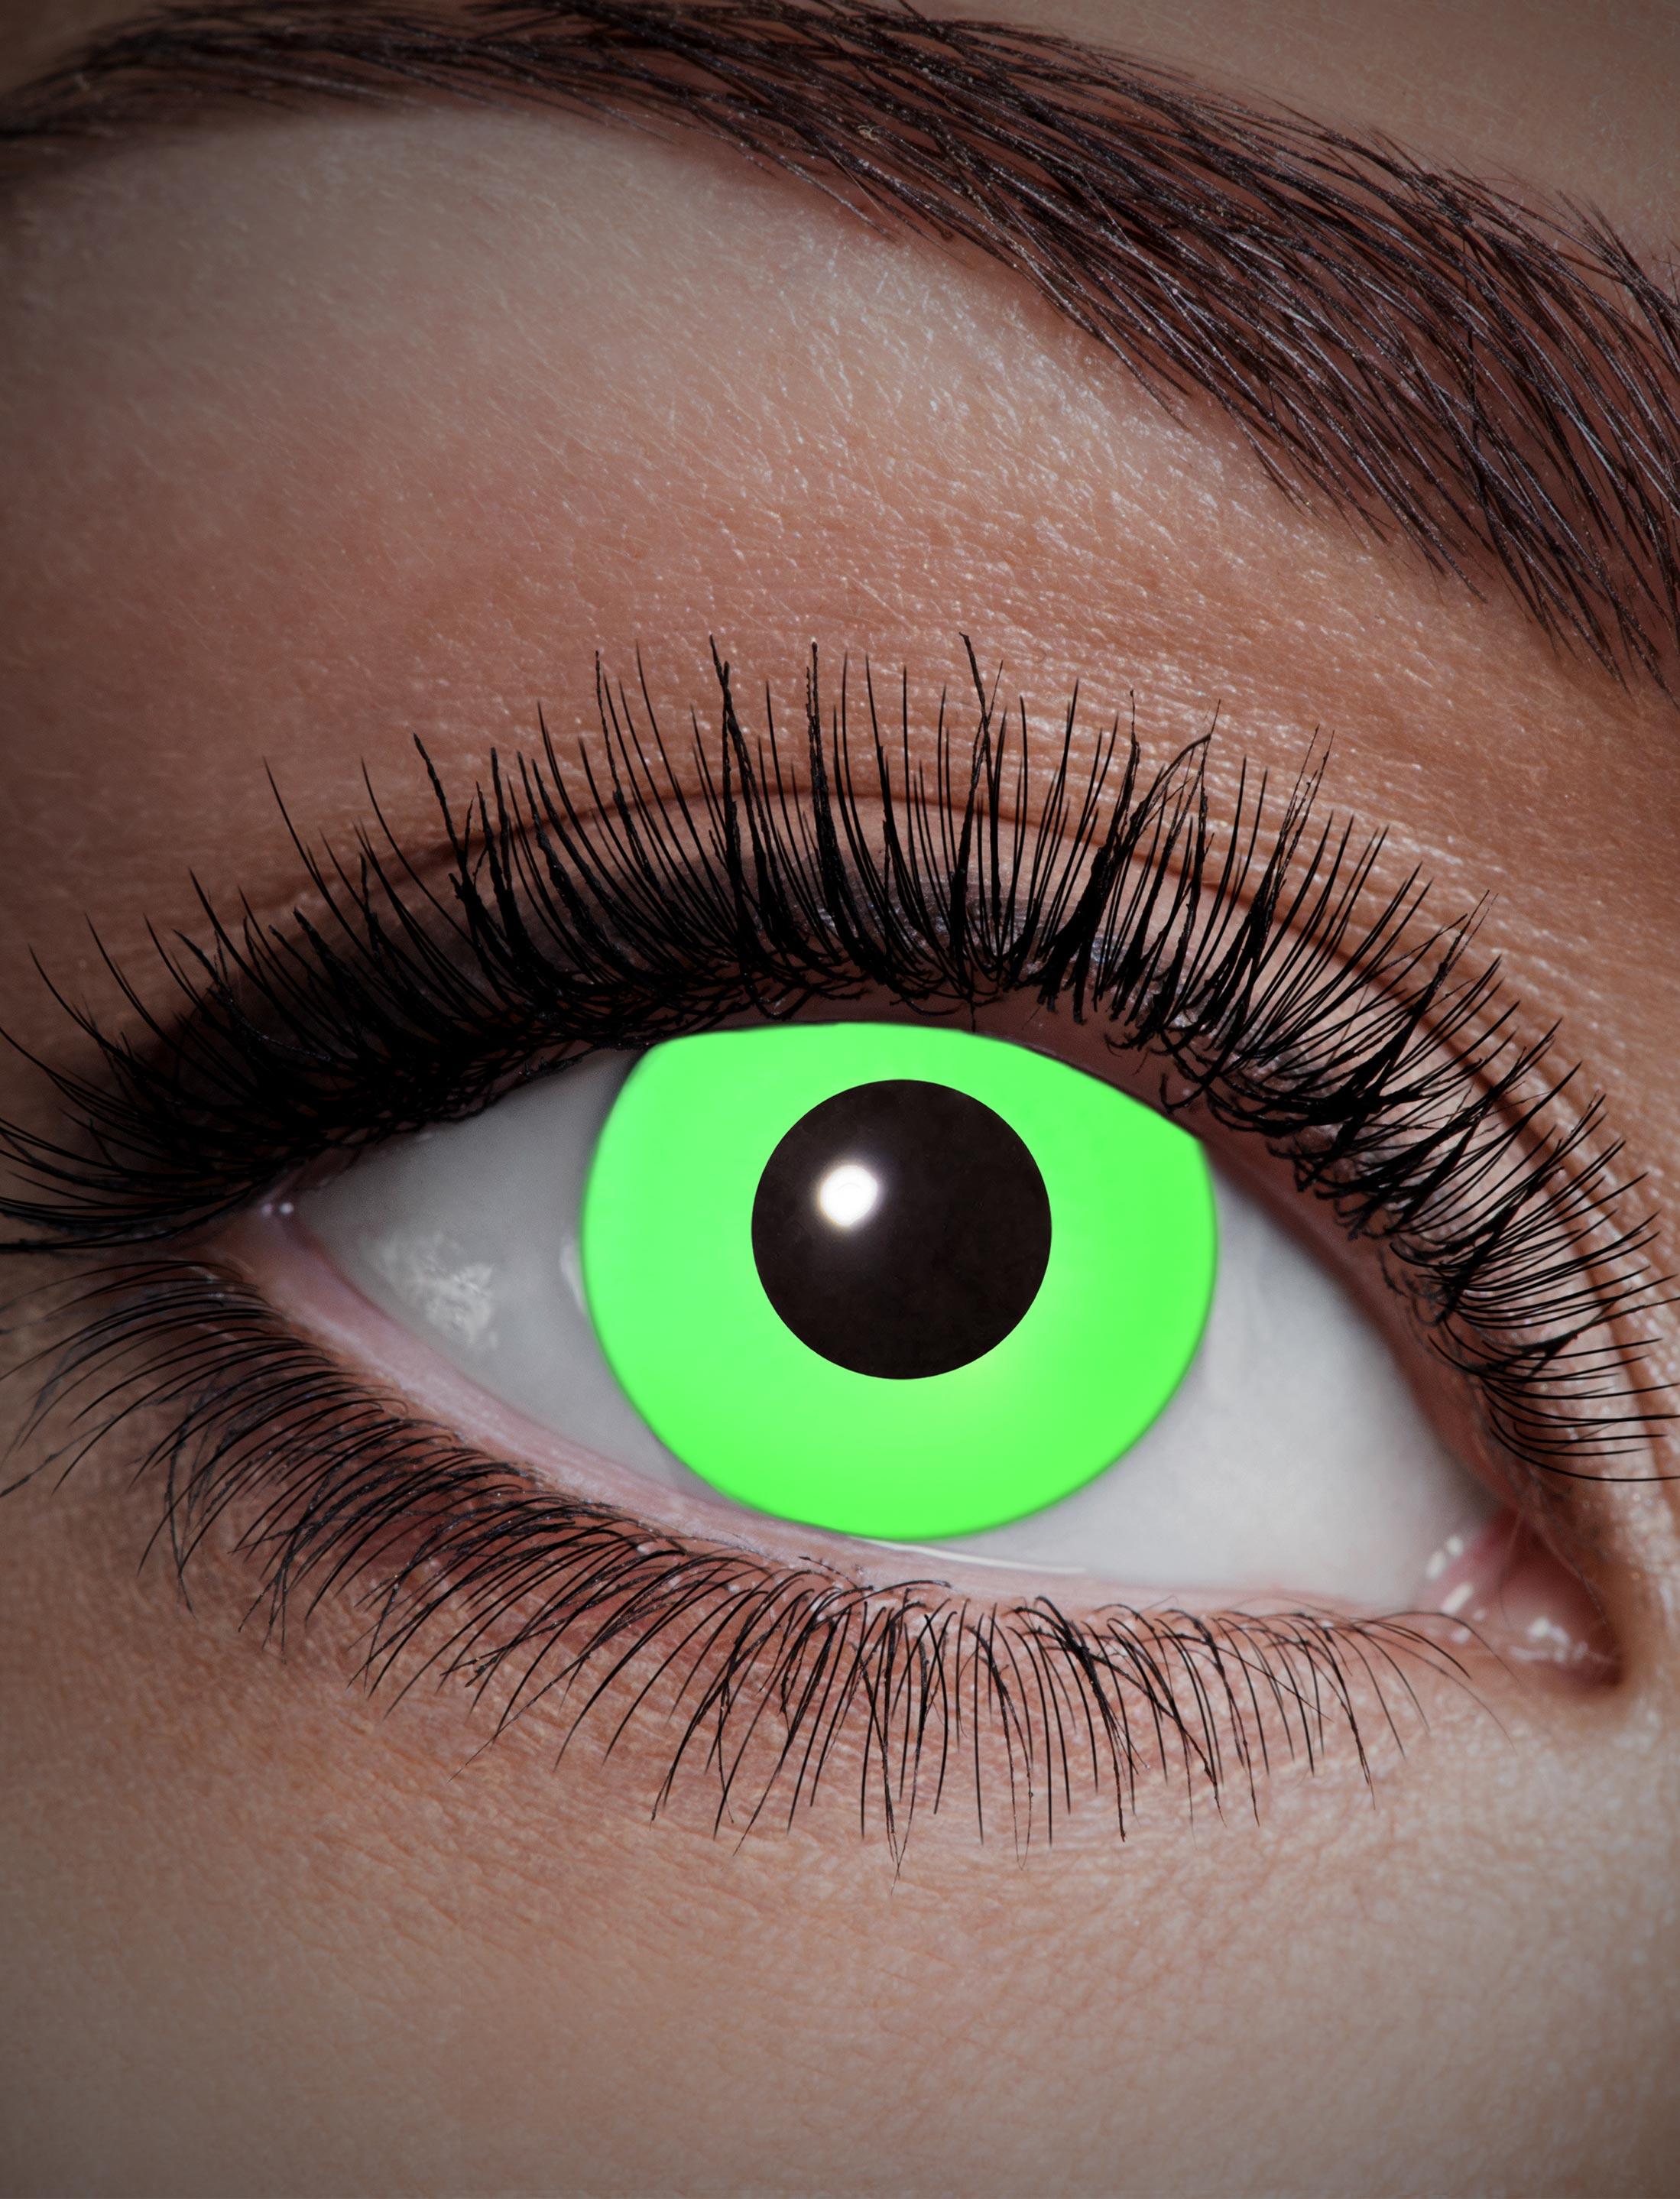 Kostuemzubehor Kontaktlinsen UV Flash Green Farbe: gruen